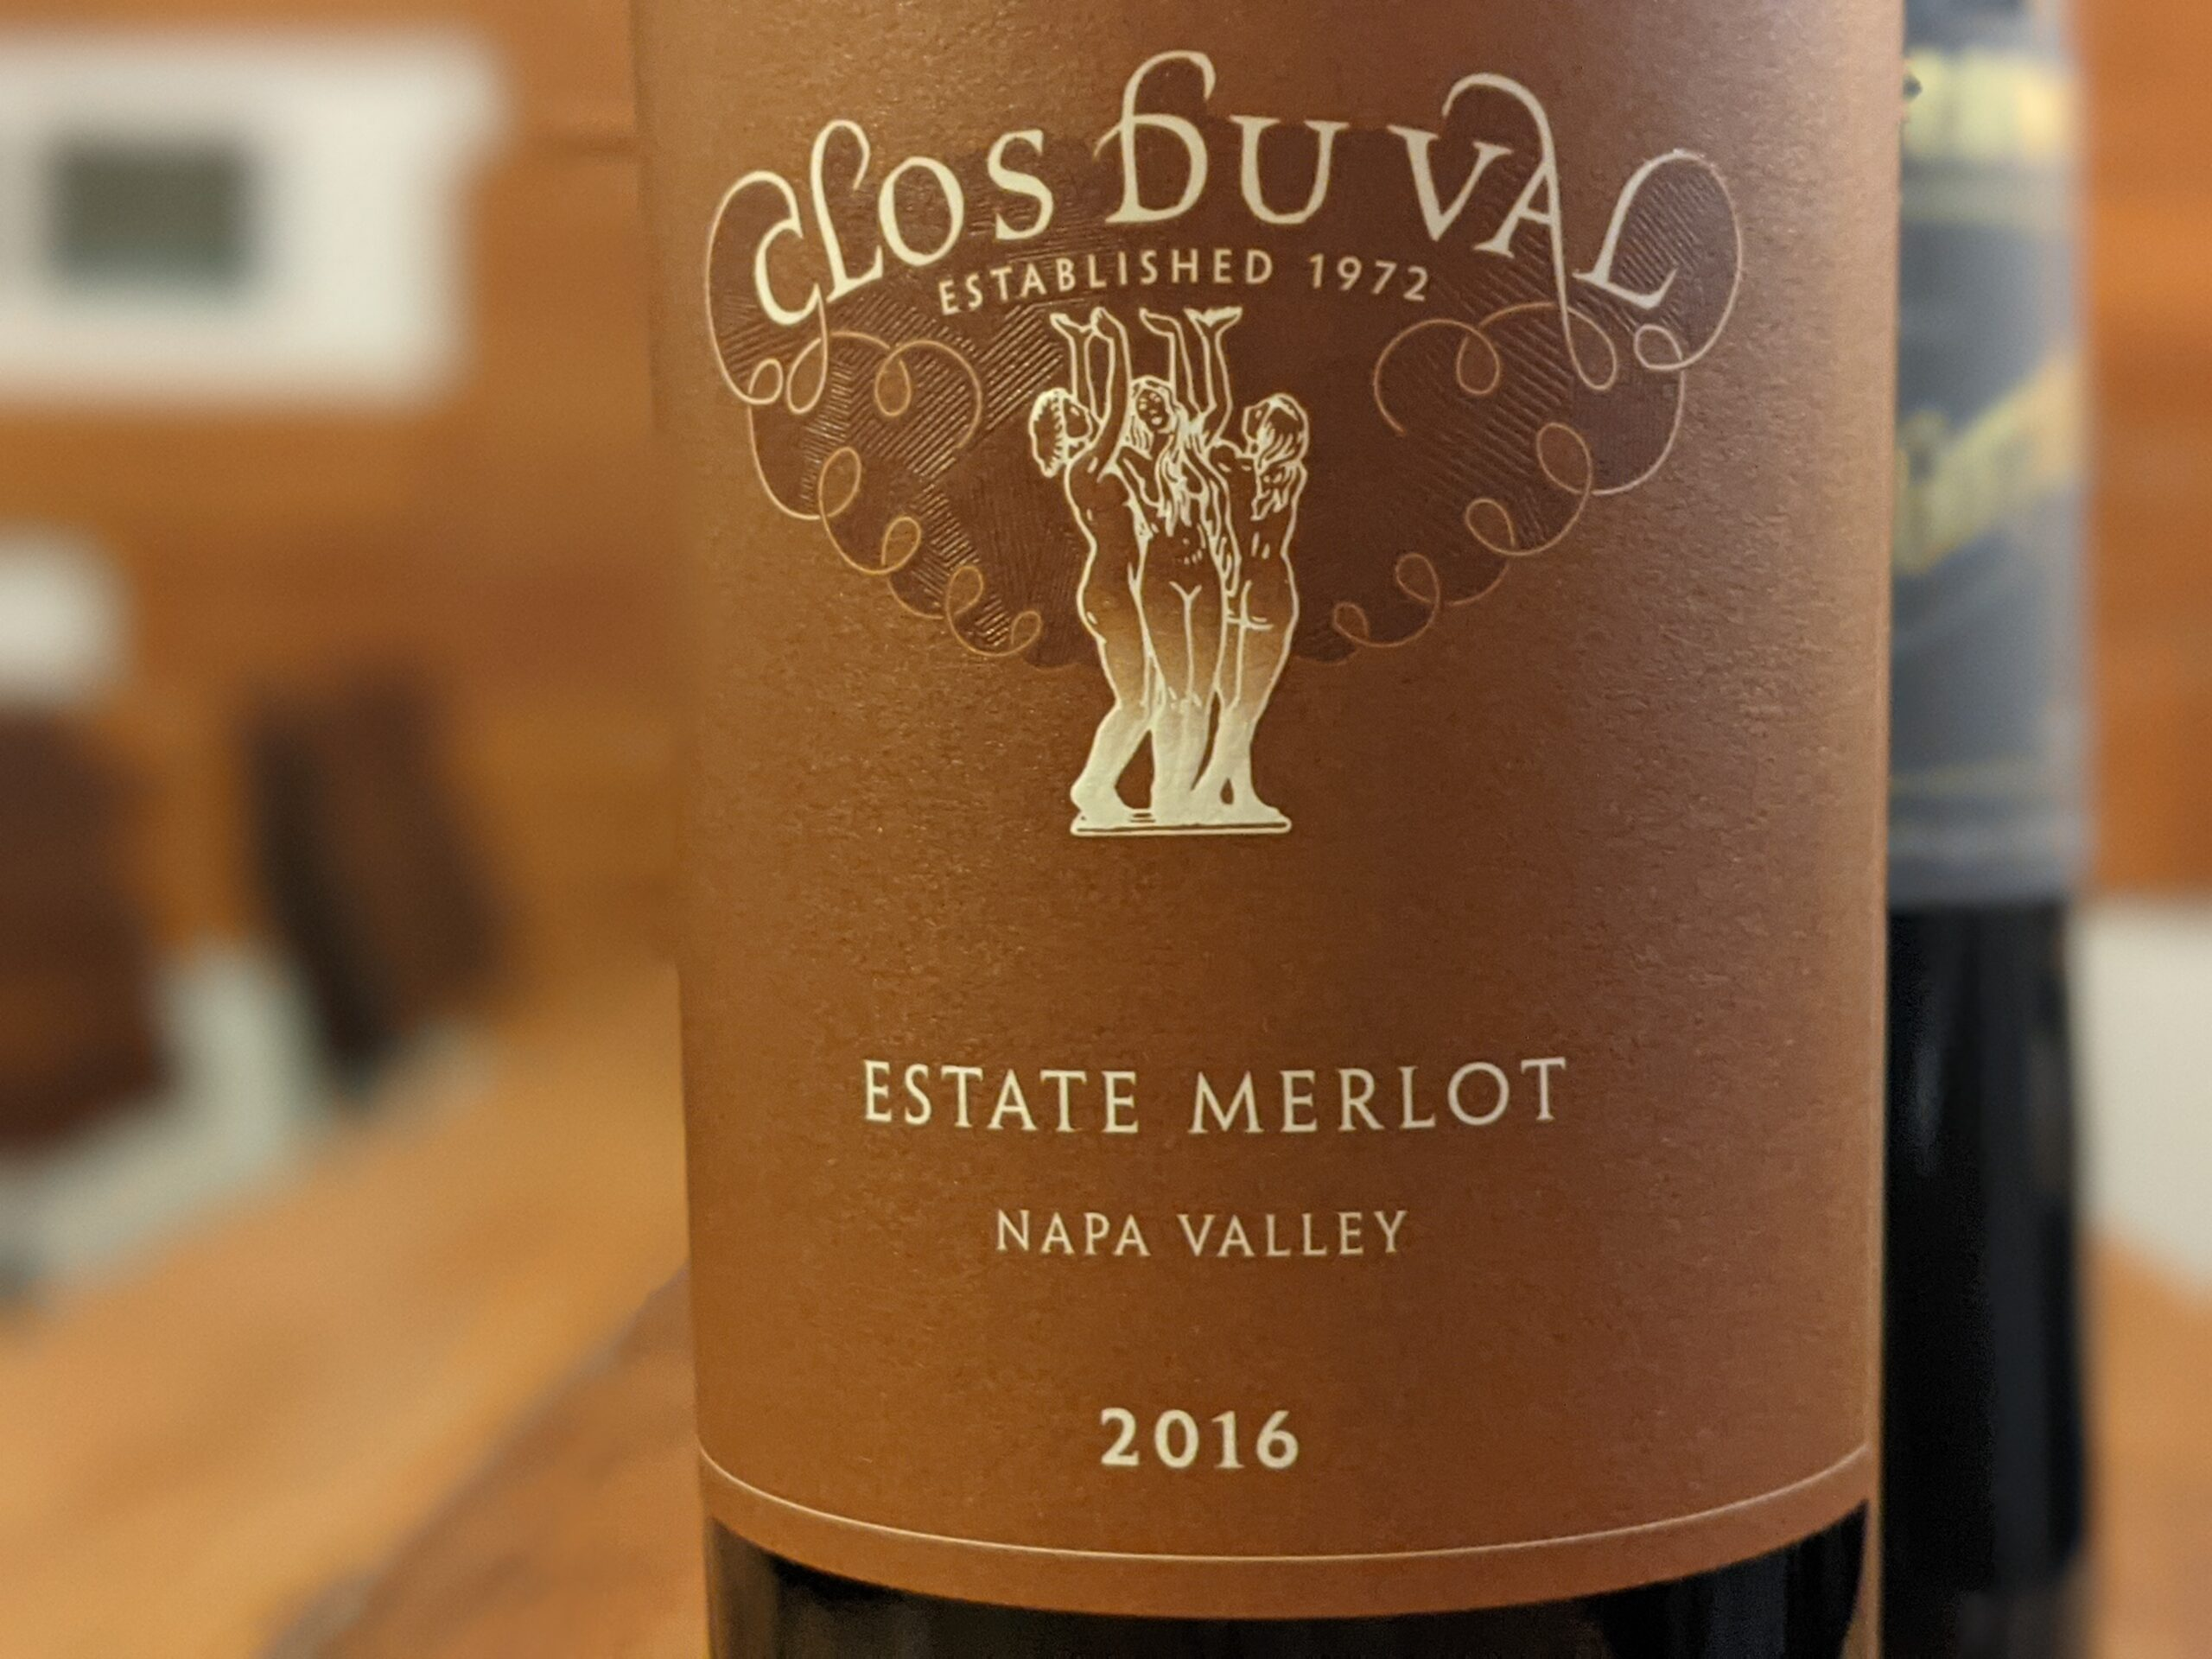 Clos du Val 2016 Estate Merlot